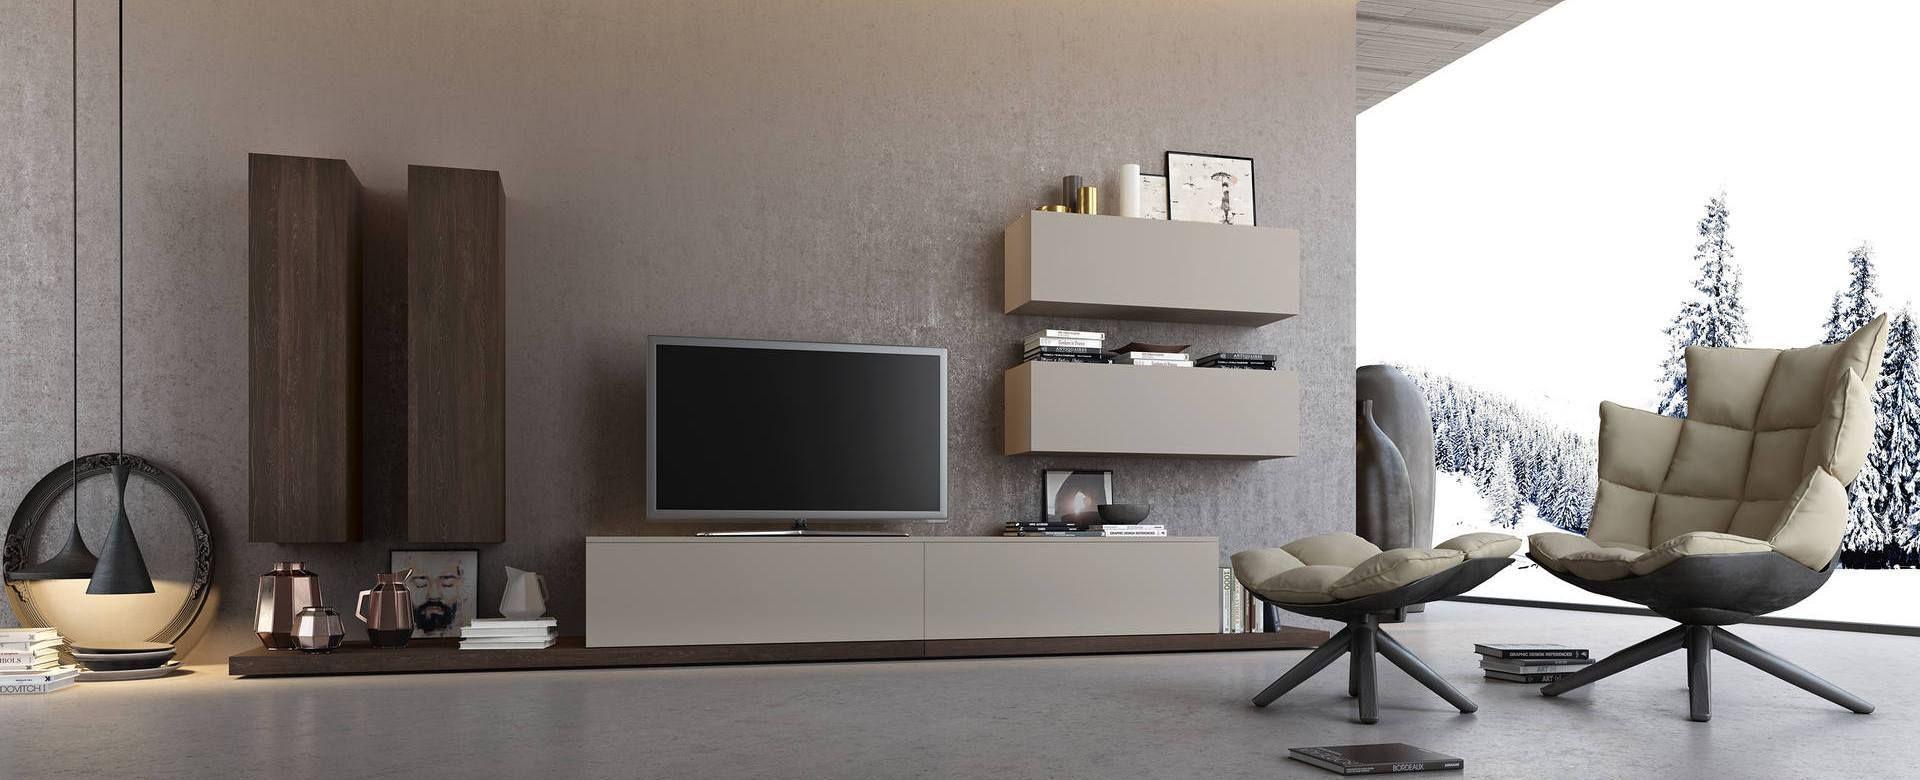 R Sultat De Recherche D Images Pour Style Contemporain Chic  # Recherche Meuble Tv